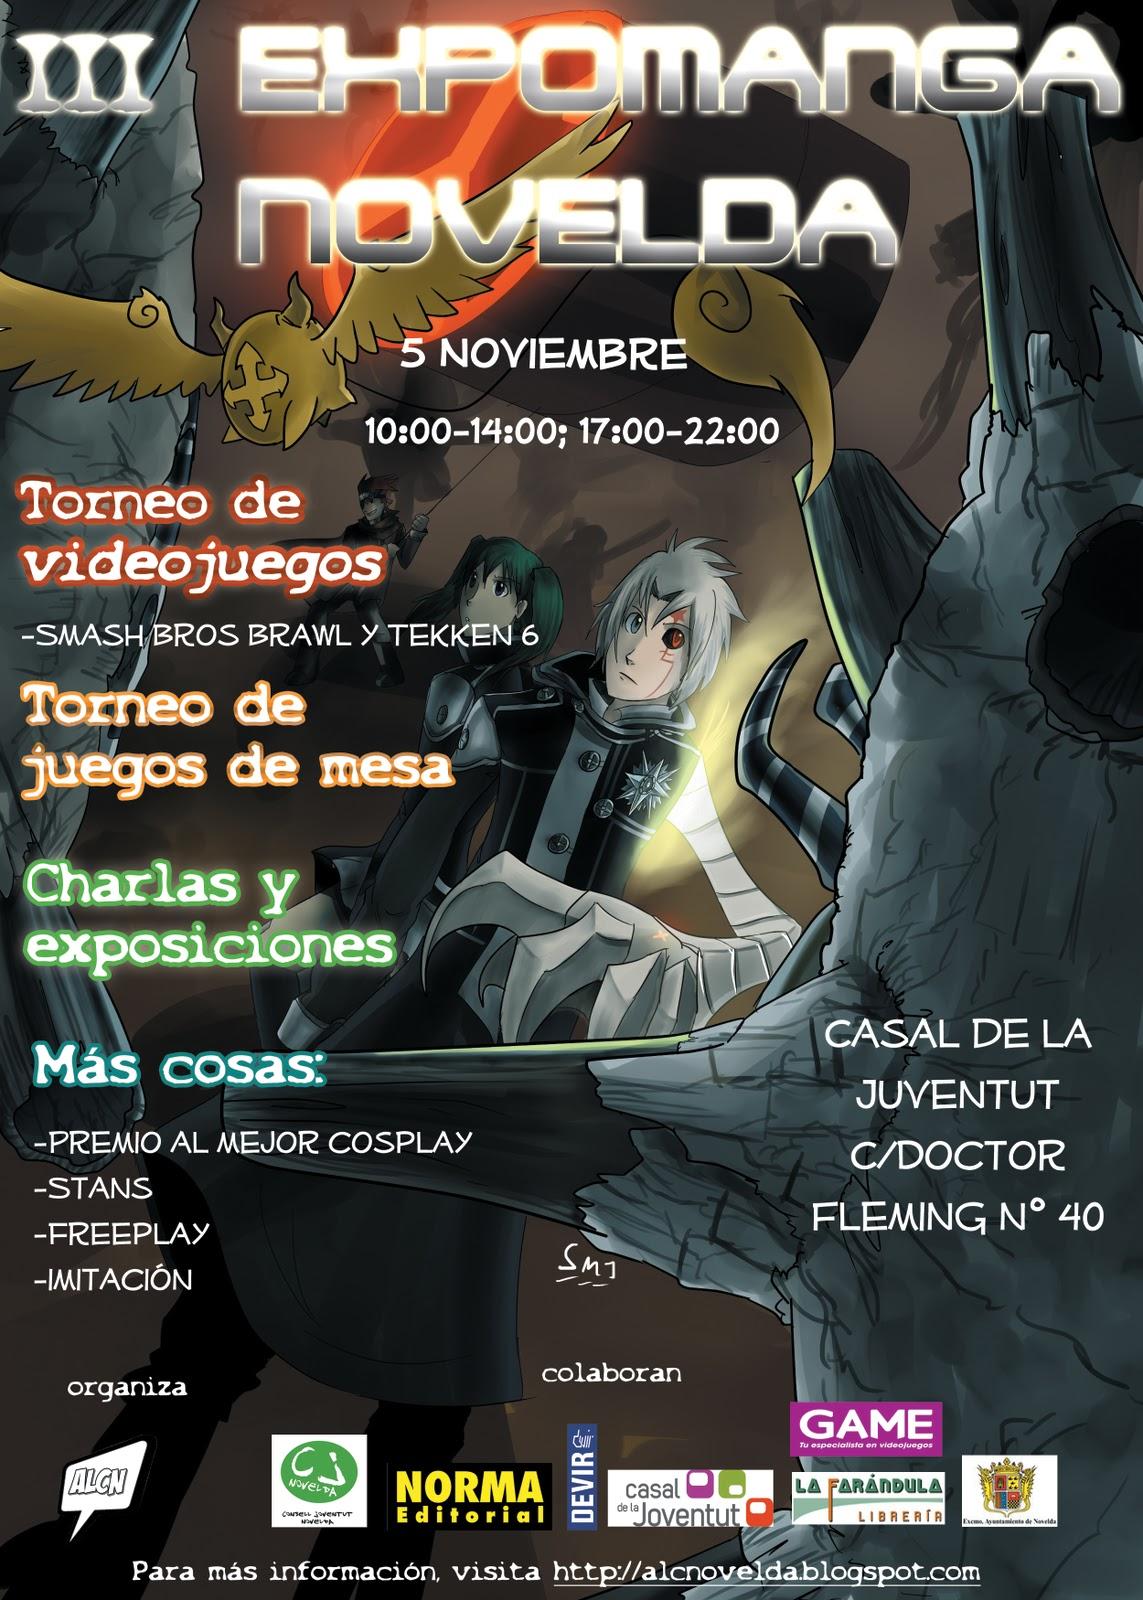 III ExpoManga Novelda Expo+manga+poster+CMYK5+%25282%2529